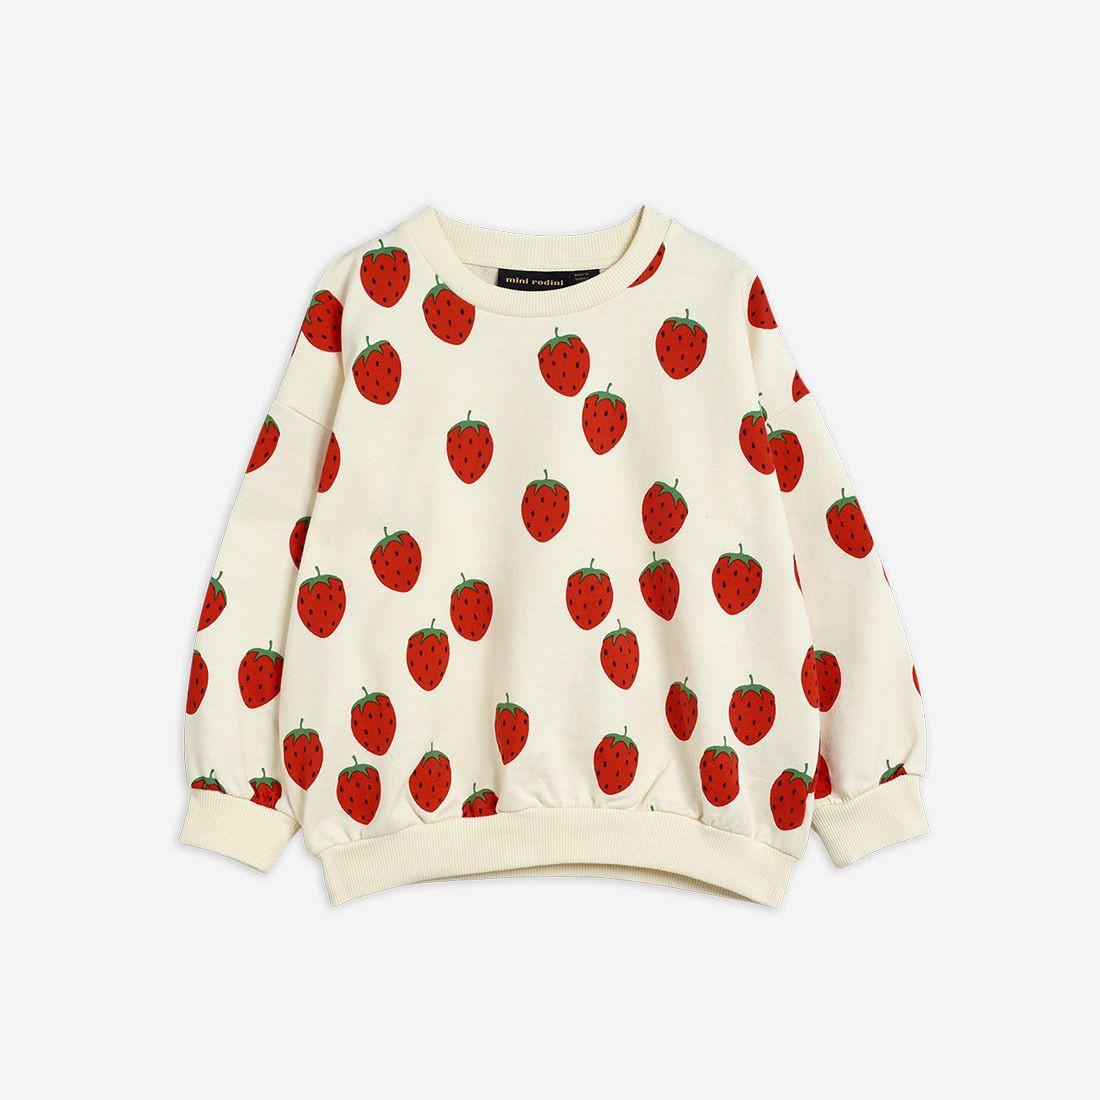 Cozy Sweatshirt with Strawberry Print